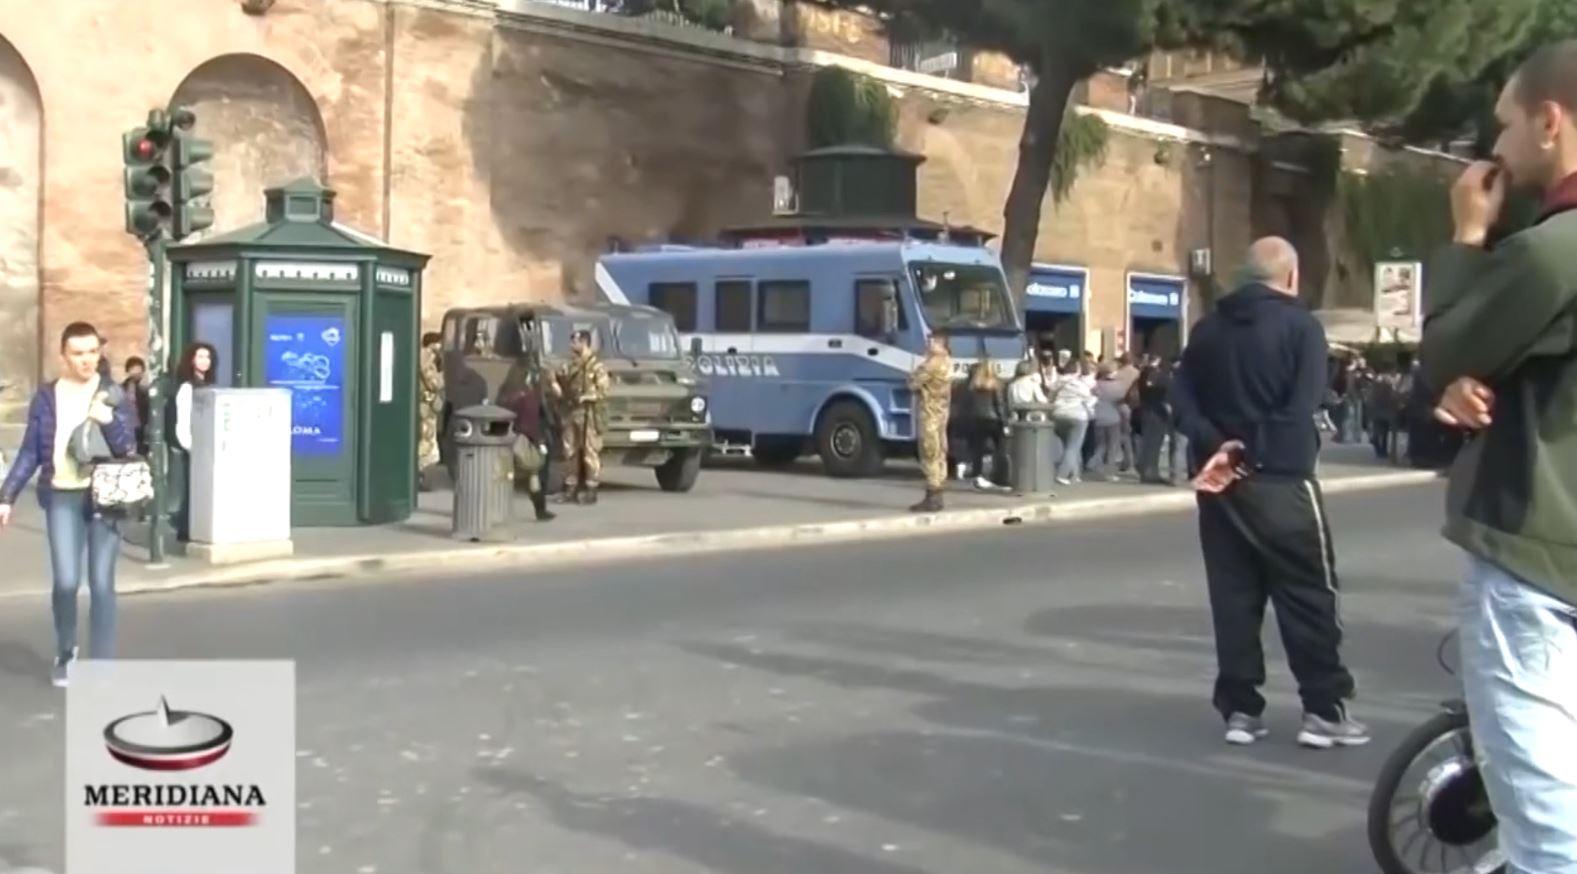 Mediat italiane raportojnë për kërcënimin e një sulmi terrorist, përmenden shqiptarët